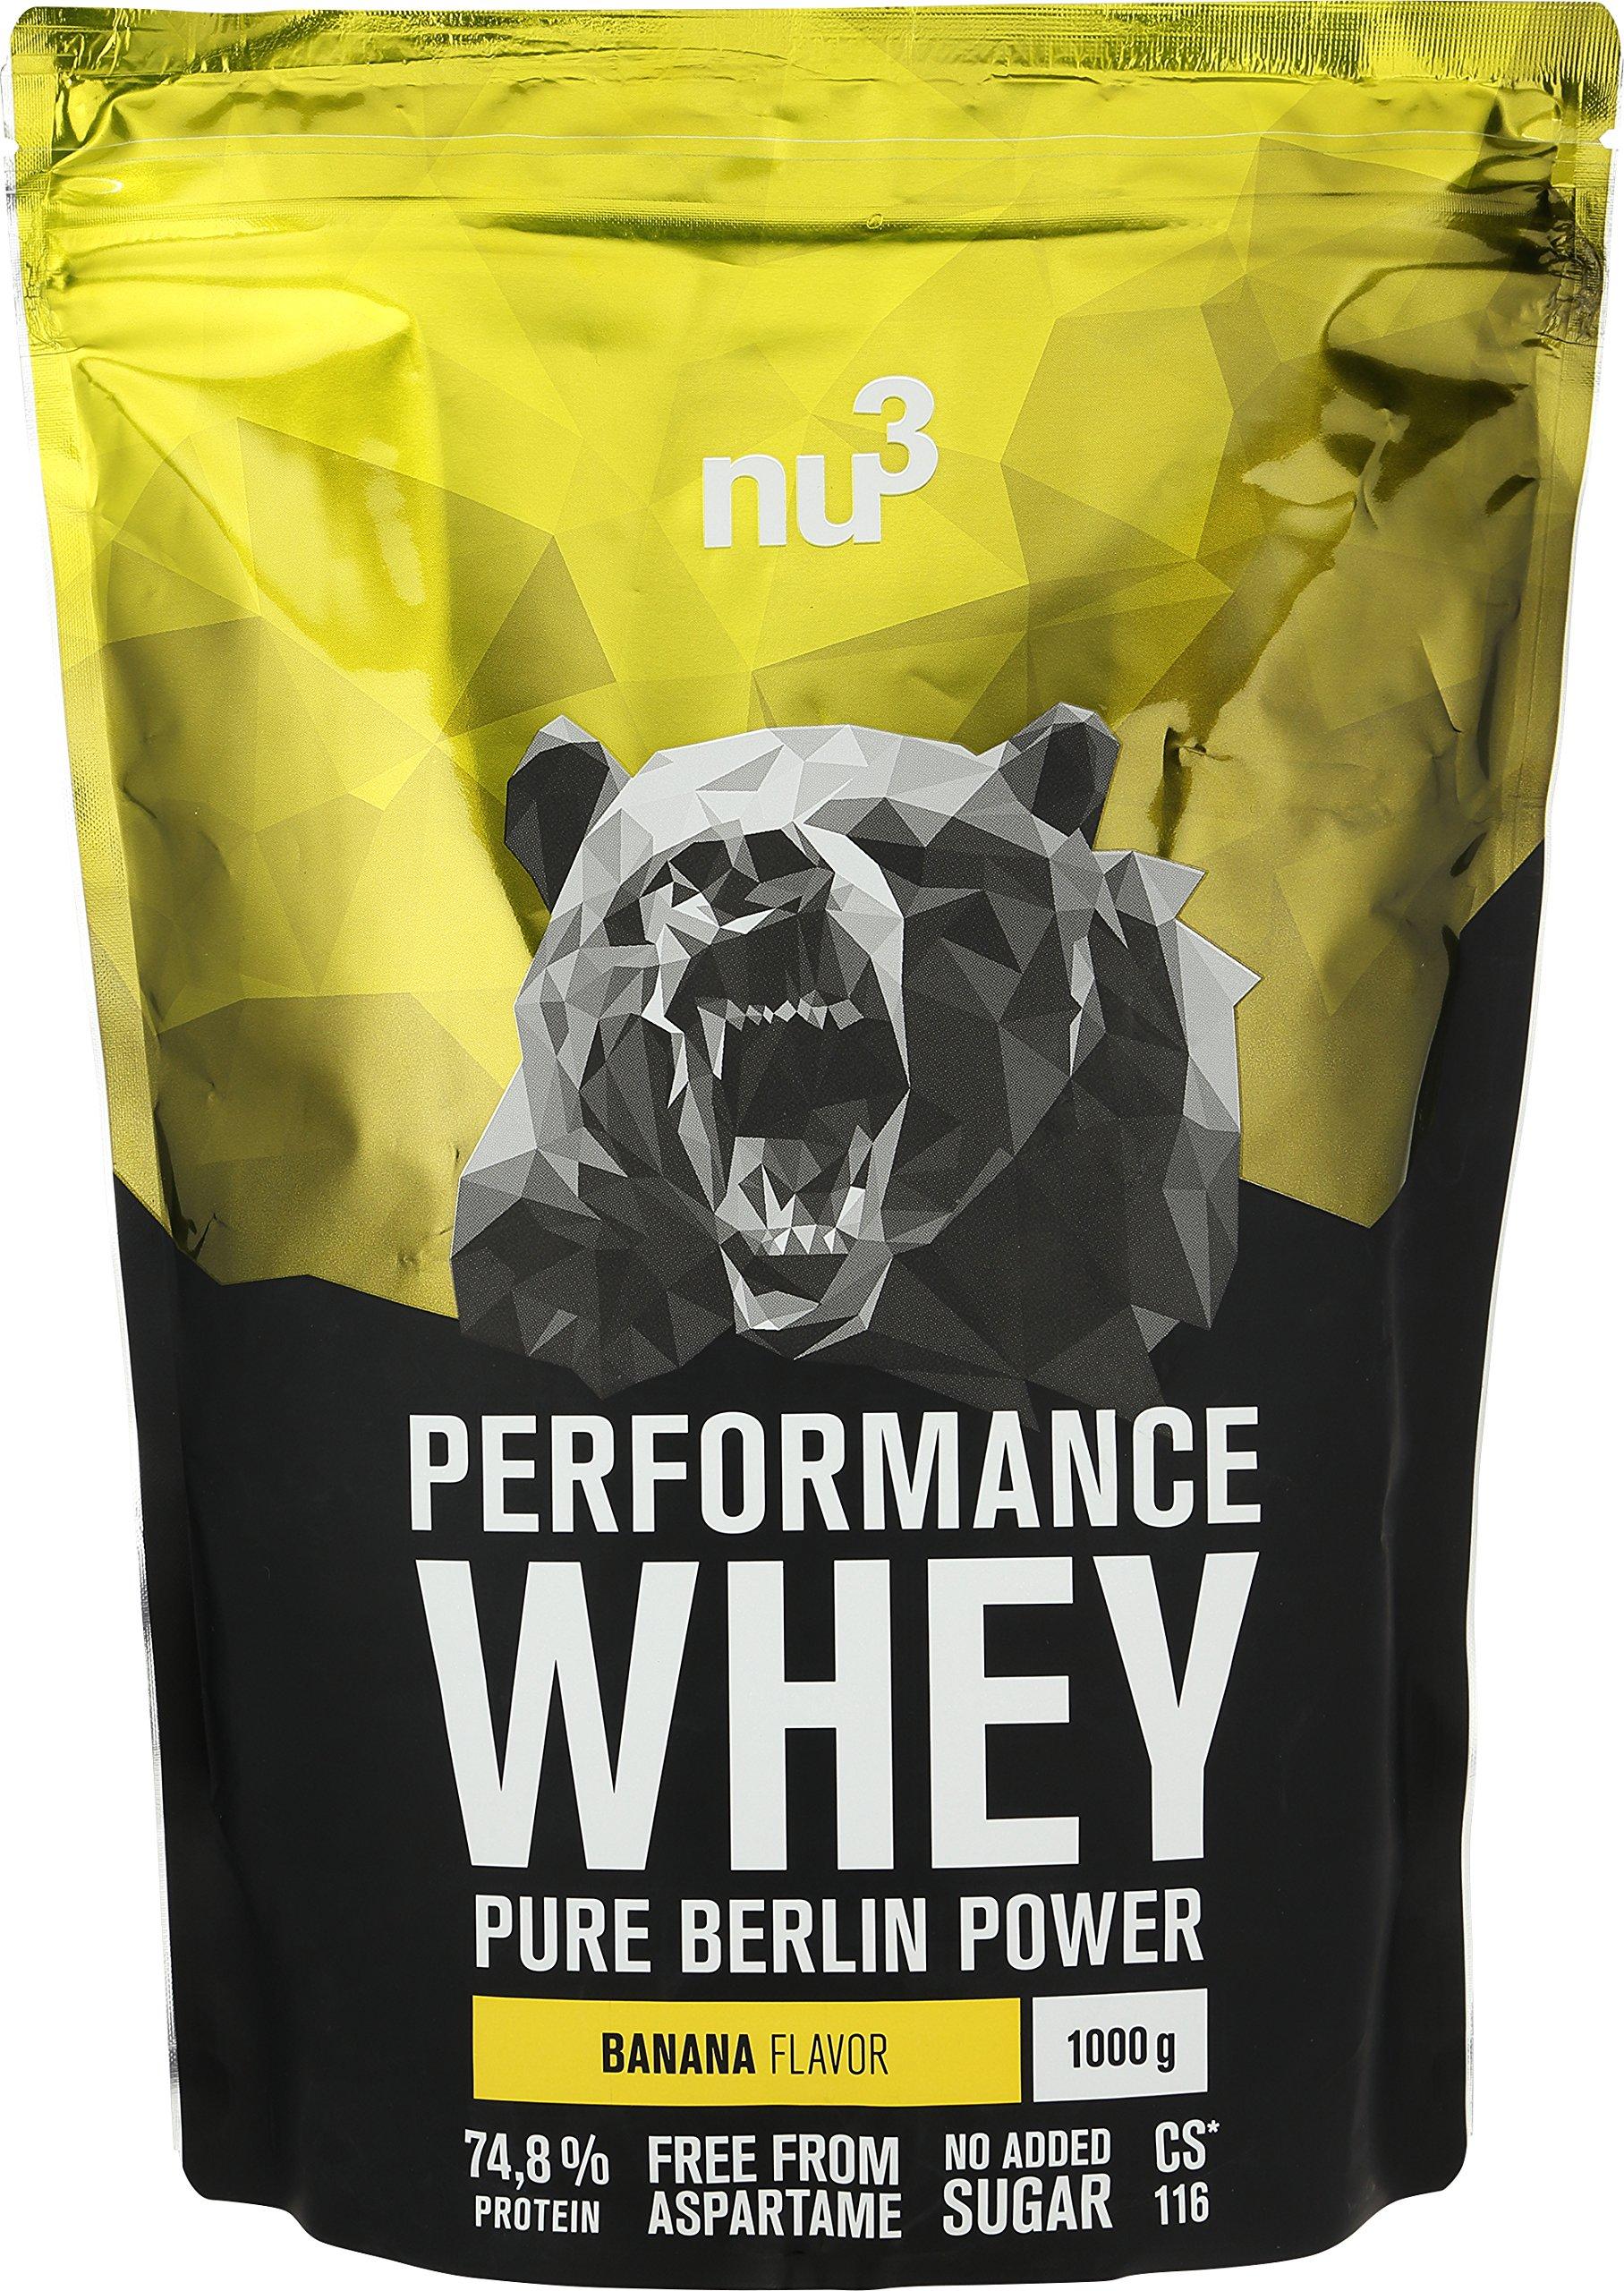 nu3 Performance Whey – Voller Geschmack und gute Löslichkeit bei hohem Proteingehalt